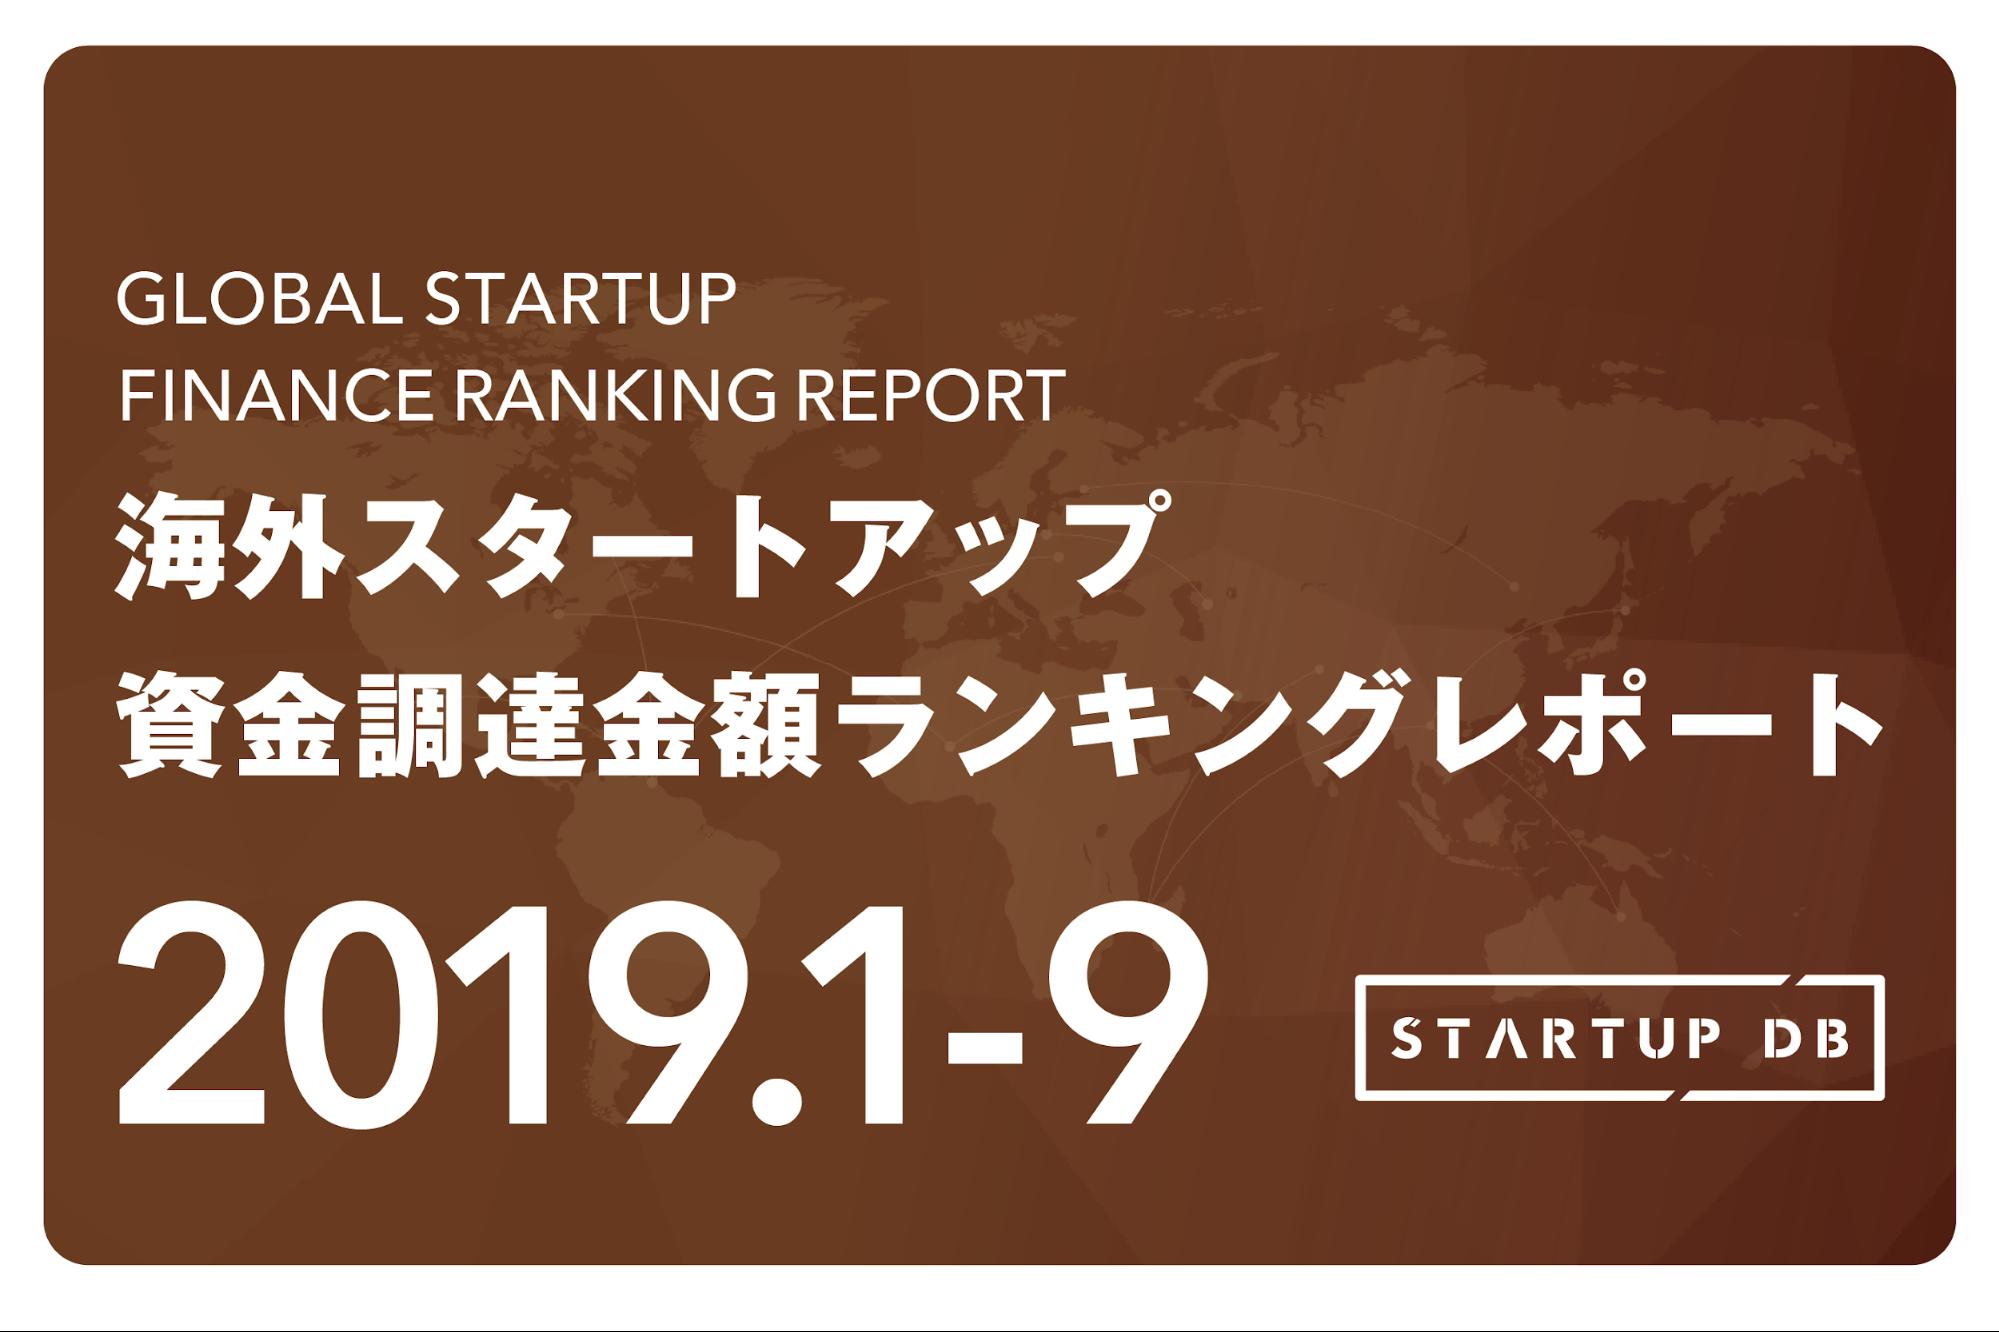 【STARTUP DB】調査結果 海外スタートアップ資金調達ランキング ソフトバンク・ビジョン・ファンドによる出資企業が多数ランクイン